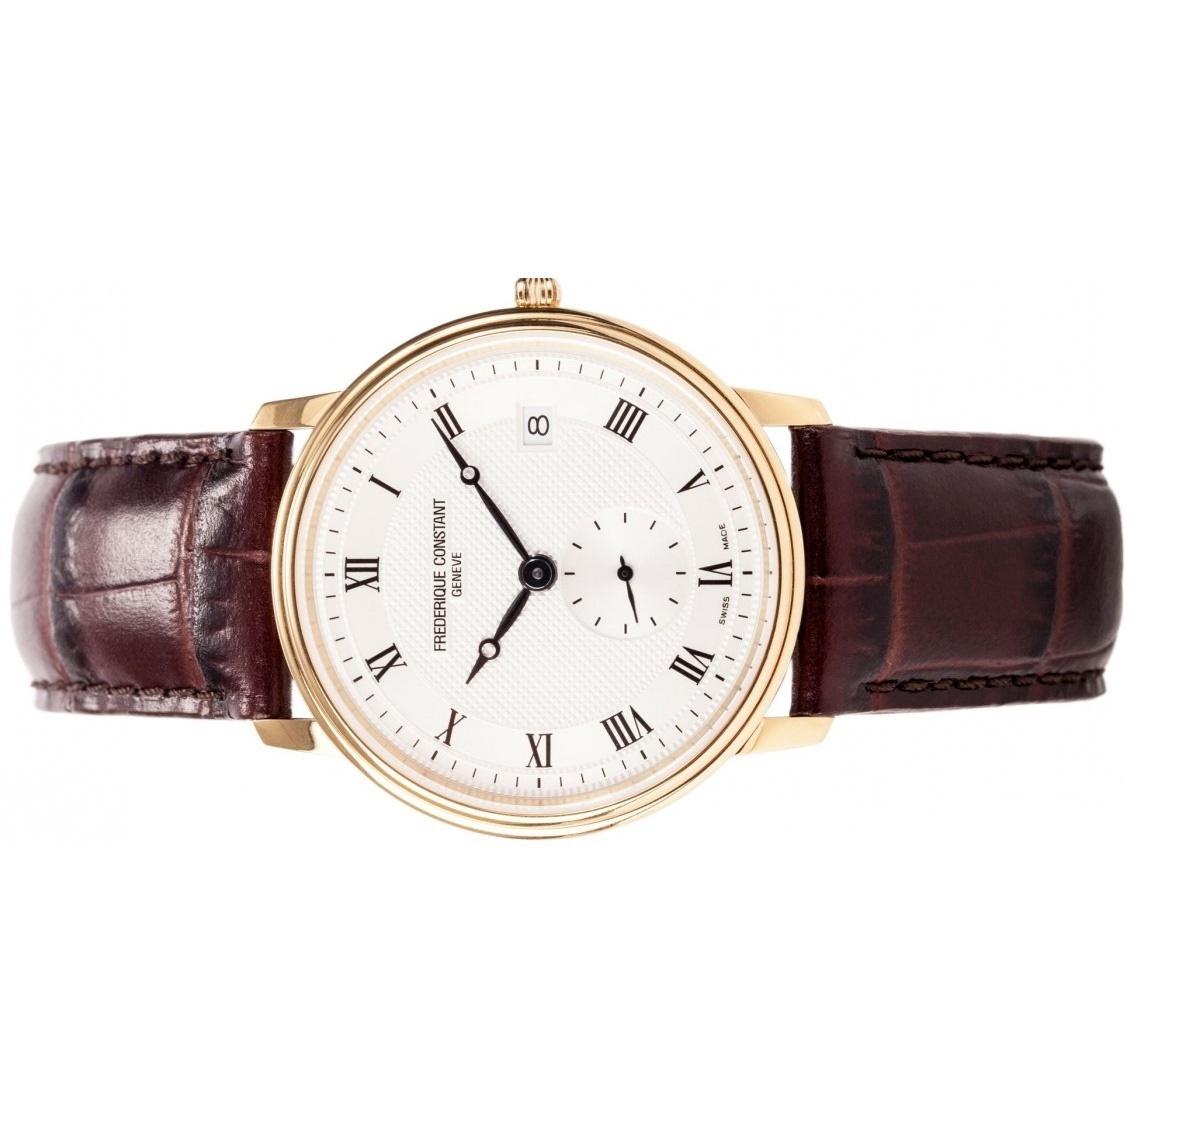 Constant frederic выкуп часов москва каминные часы продать